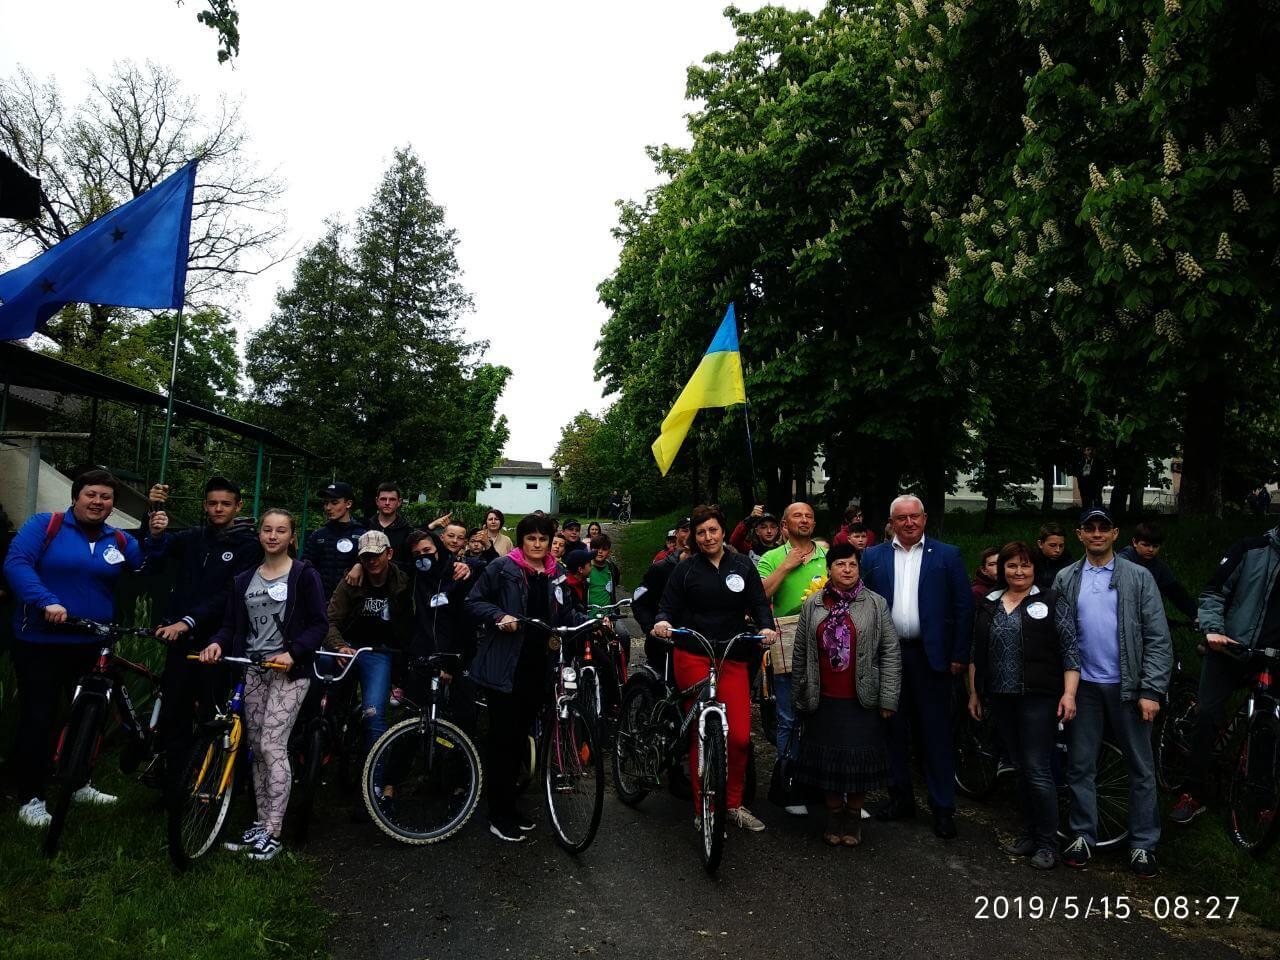 """viber image 2019 05 15 13.05.48 - Велозаїзд """"Молодь.Спорт.Європа.Майбутнє"""""""